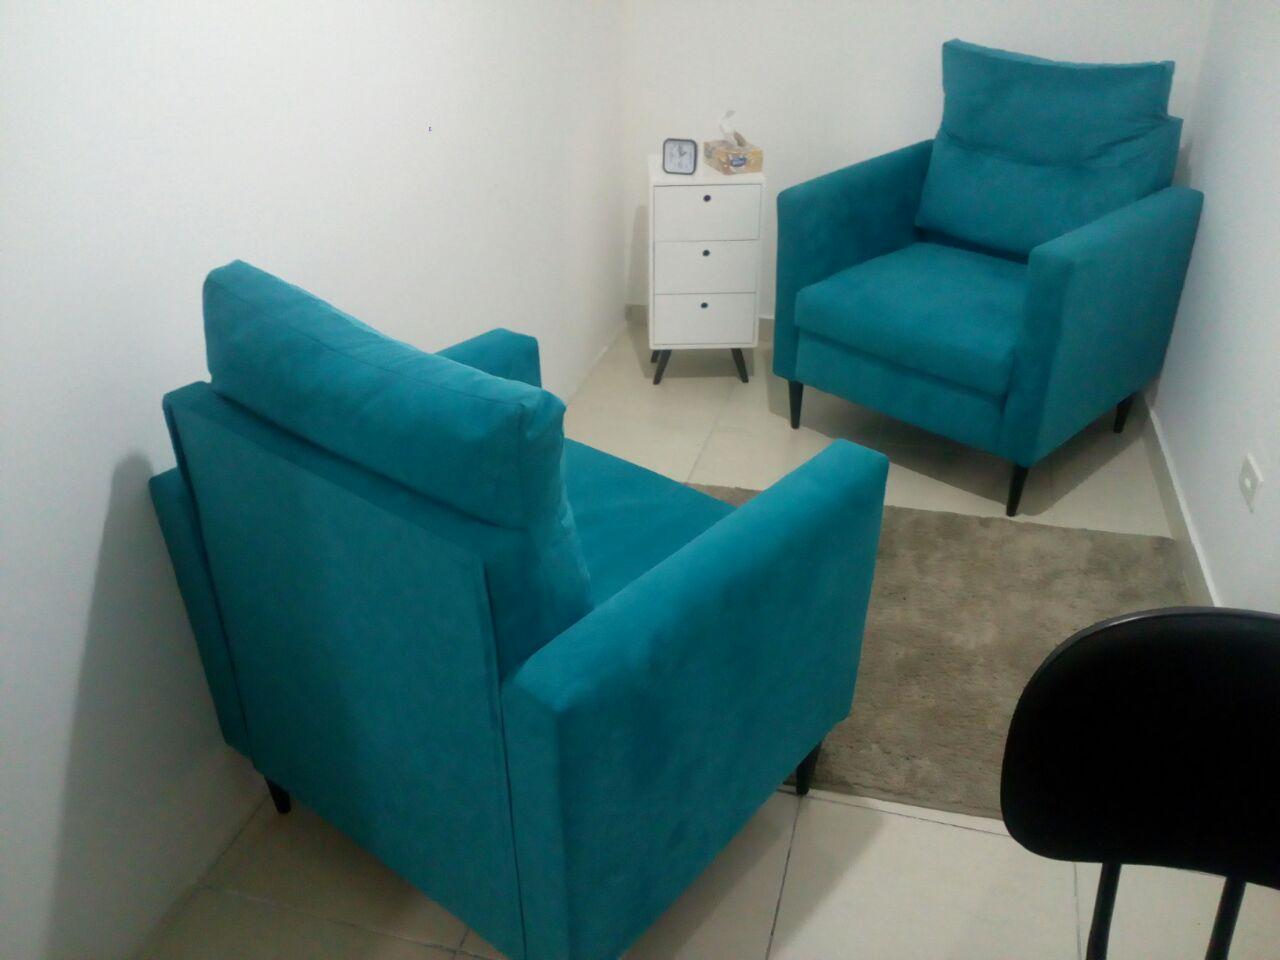 Subloca O De Sala -> Como Decorar Uma Sala De Atendimento Psicopedagogico